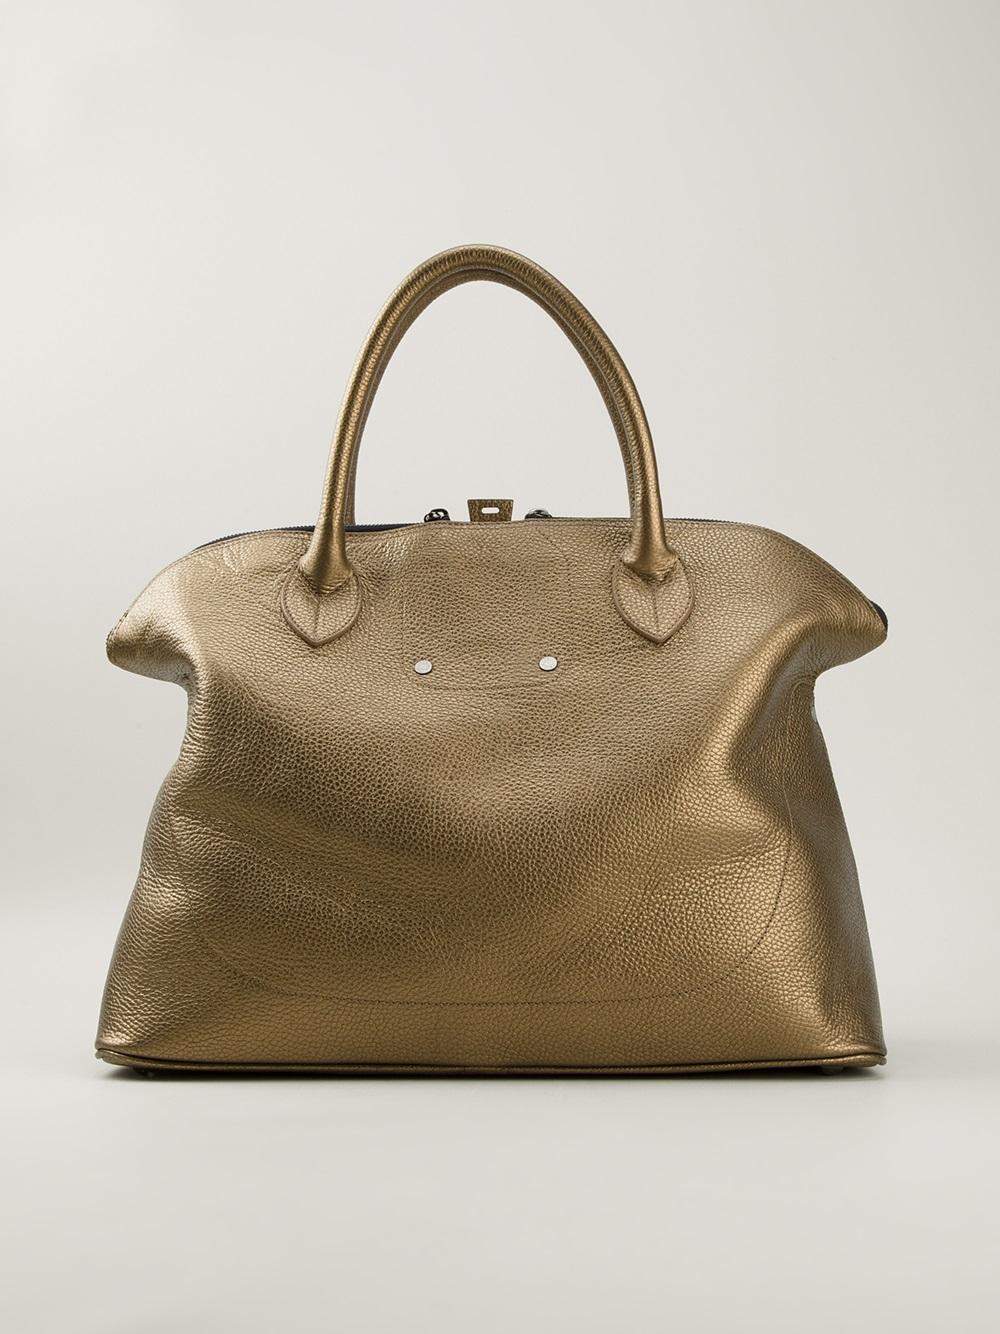 Golden Goose Deluxe Brand Metallic Tote Bag